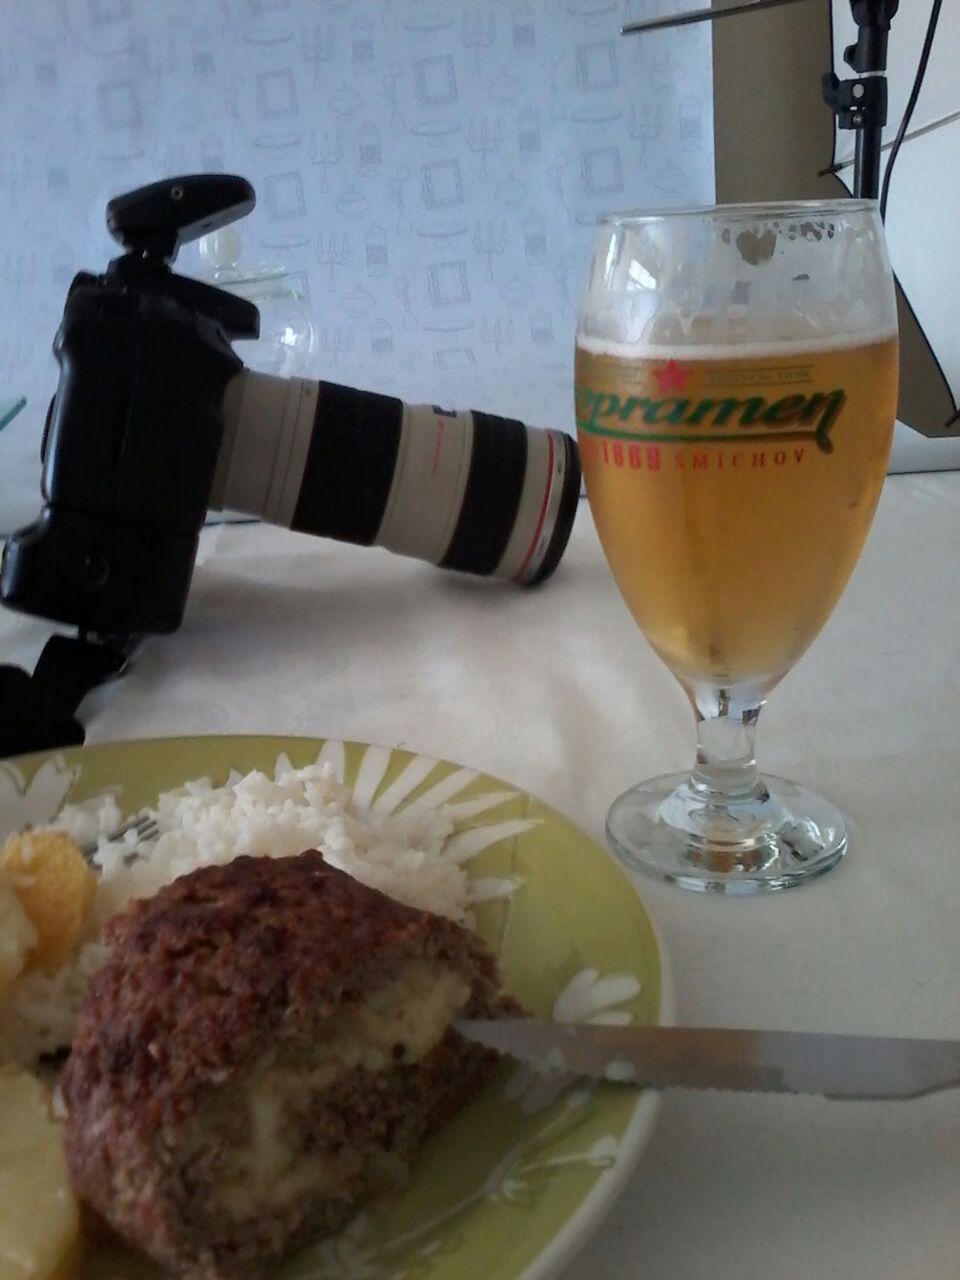 #beer #cerveja #riodejaneiro #carne #foto #photo #maquinafotografica